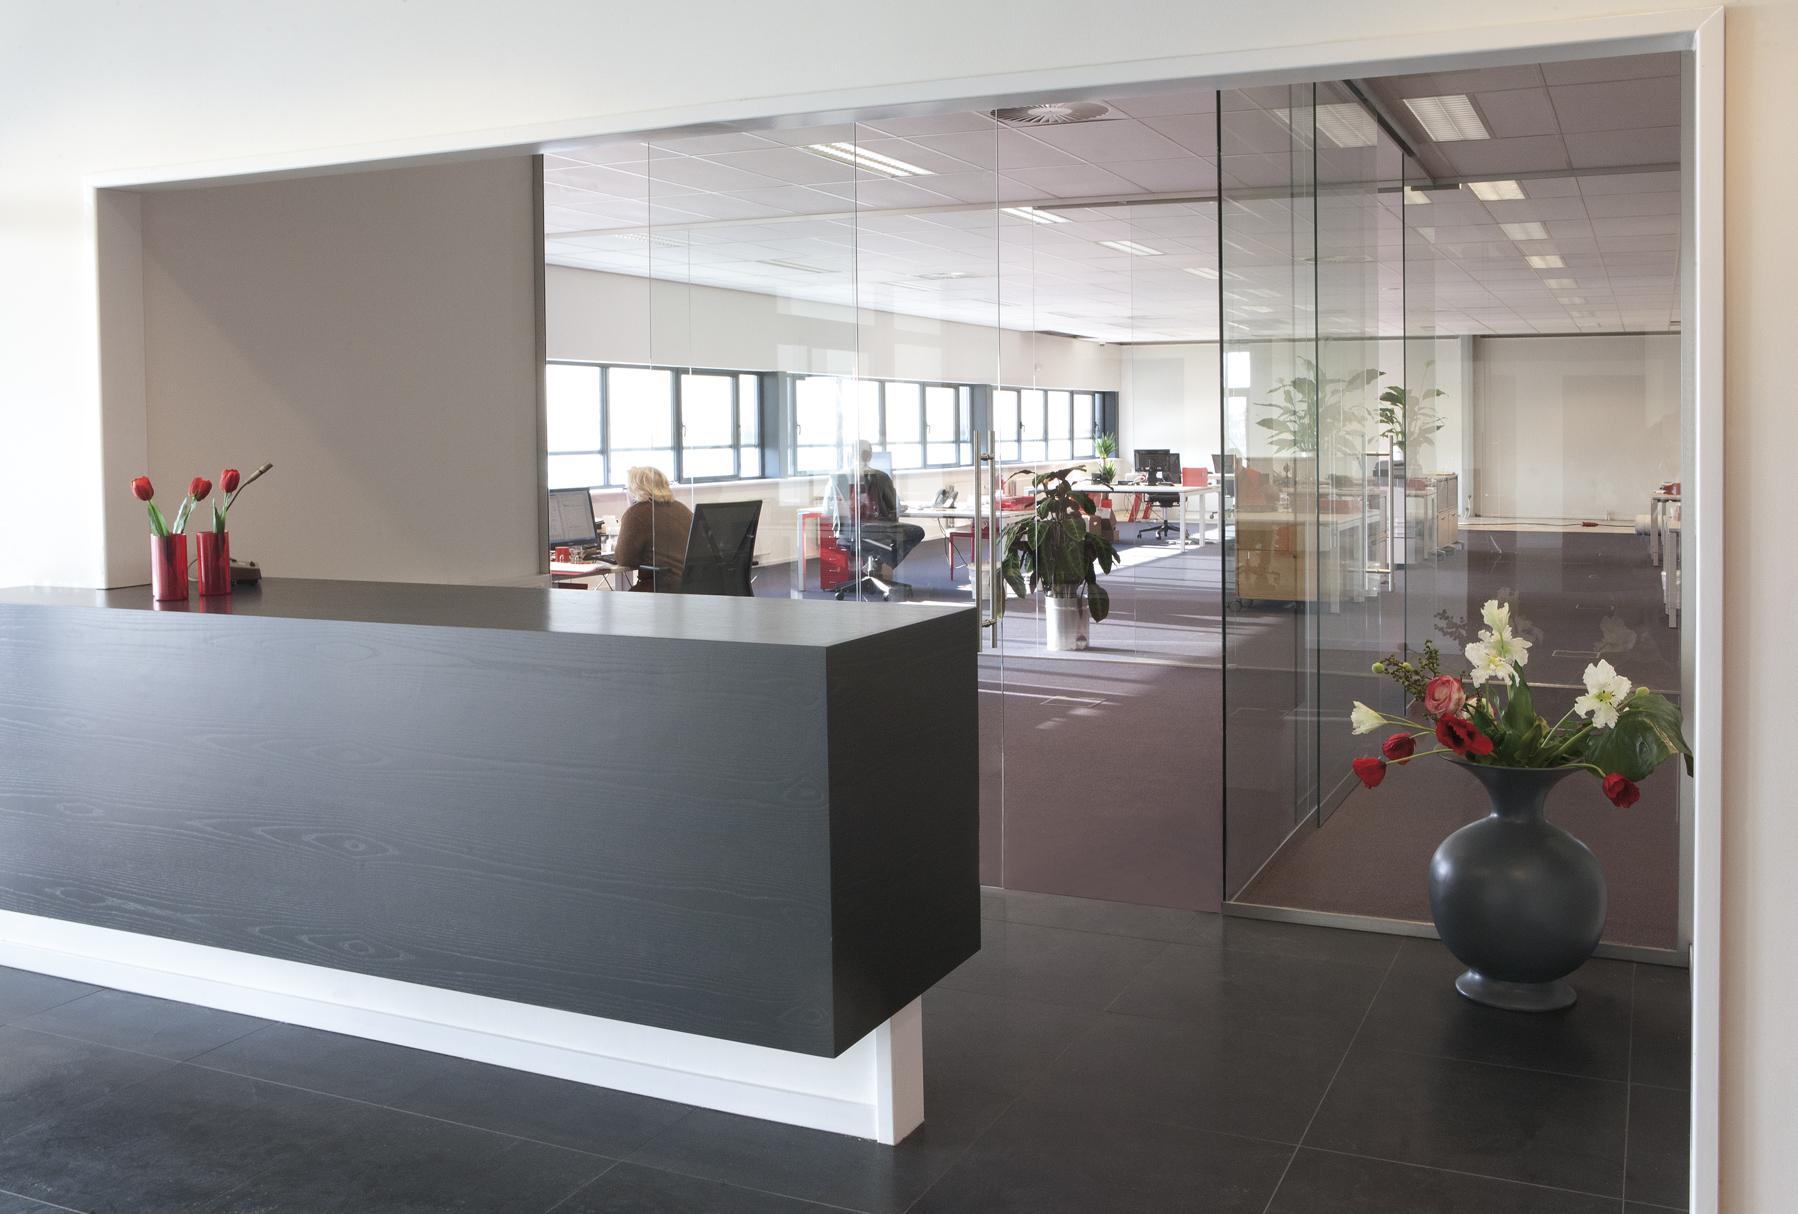 Glazenschuifdeur op kantoor